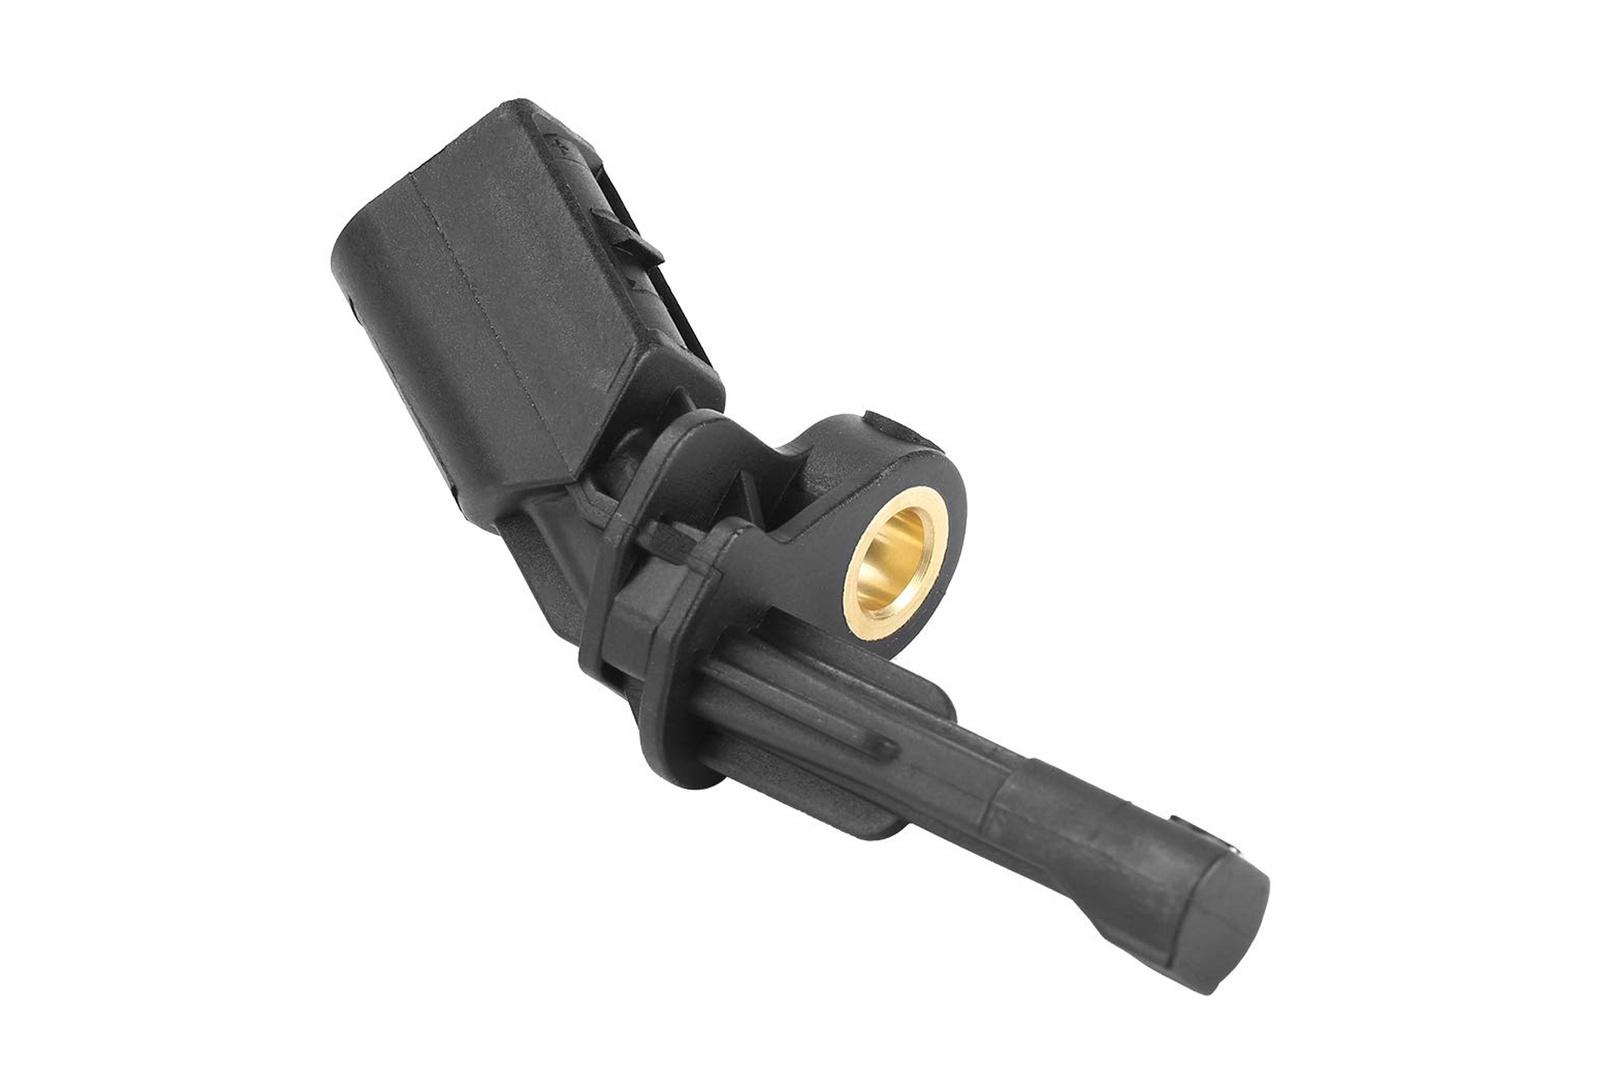 ABS Sensor Drehzahlfühler Hinten Links für VW Jetta Golf 5 6 Passat